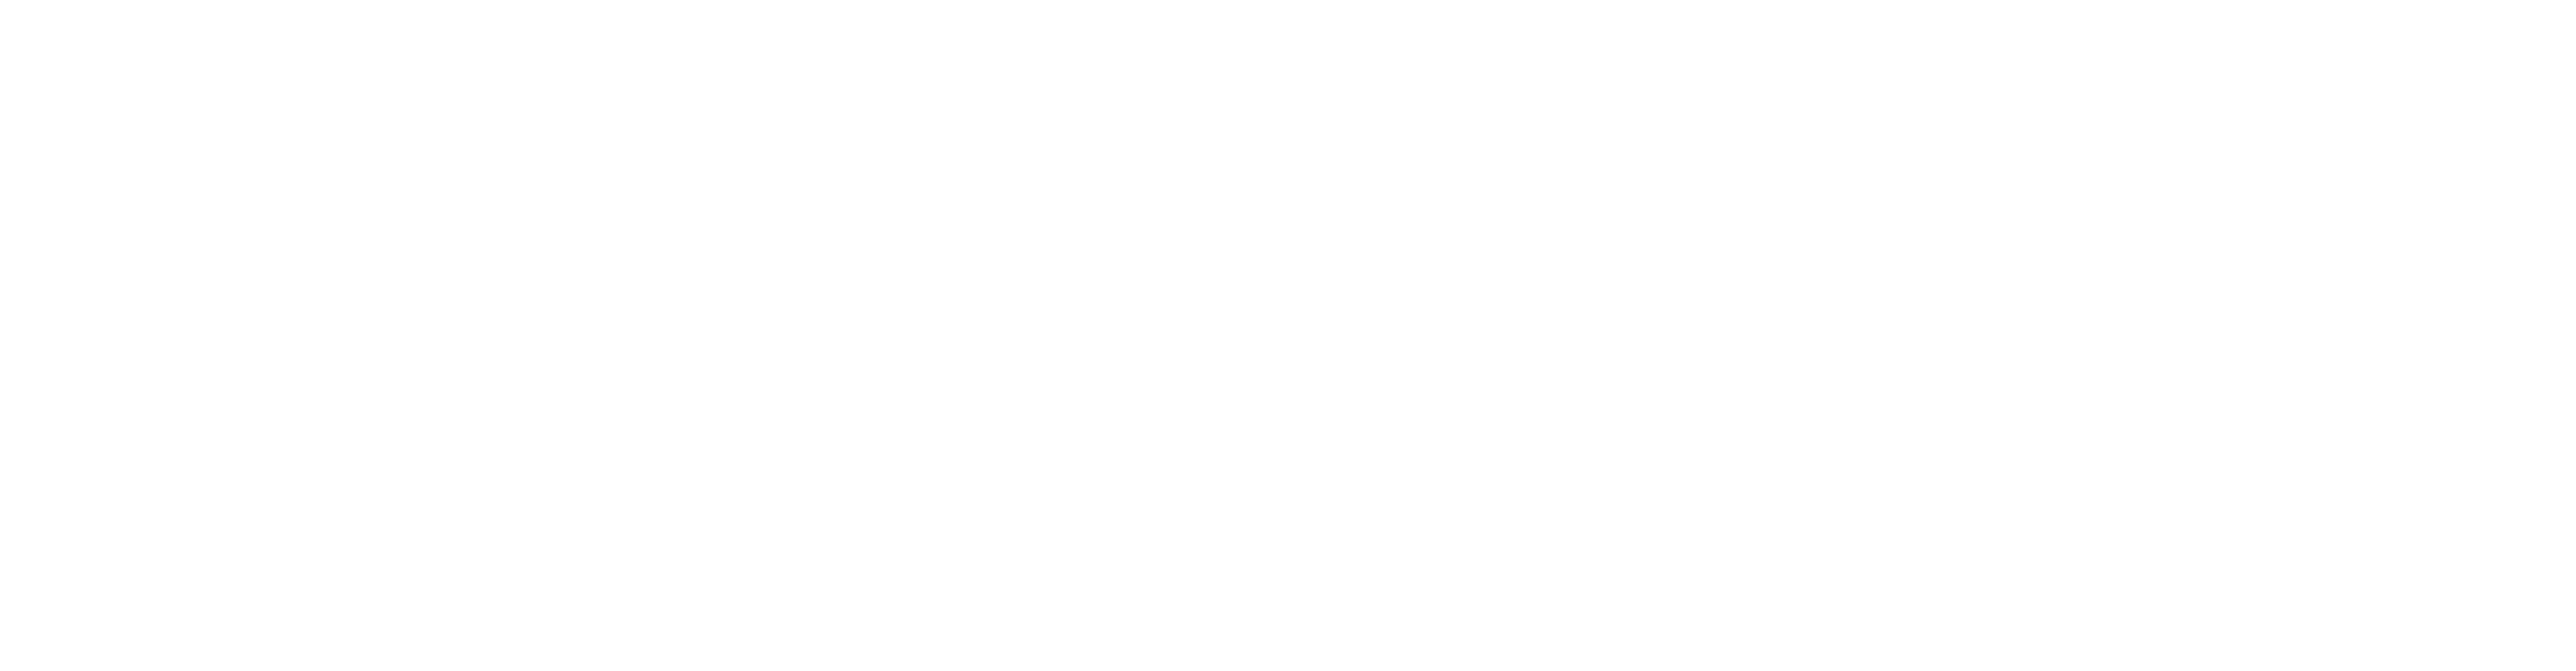 ITP Pablo de la Torre | Formación Profesional Dos Hermanas